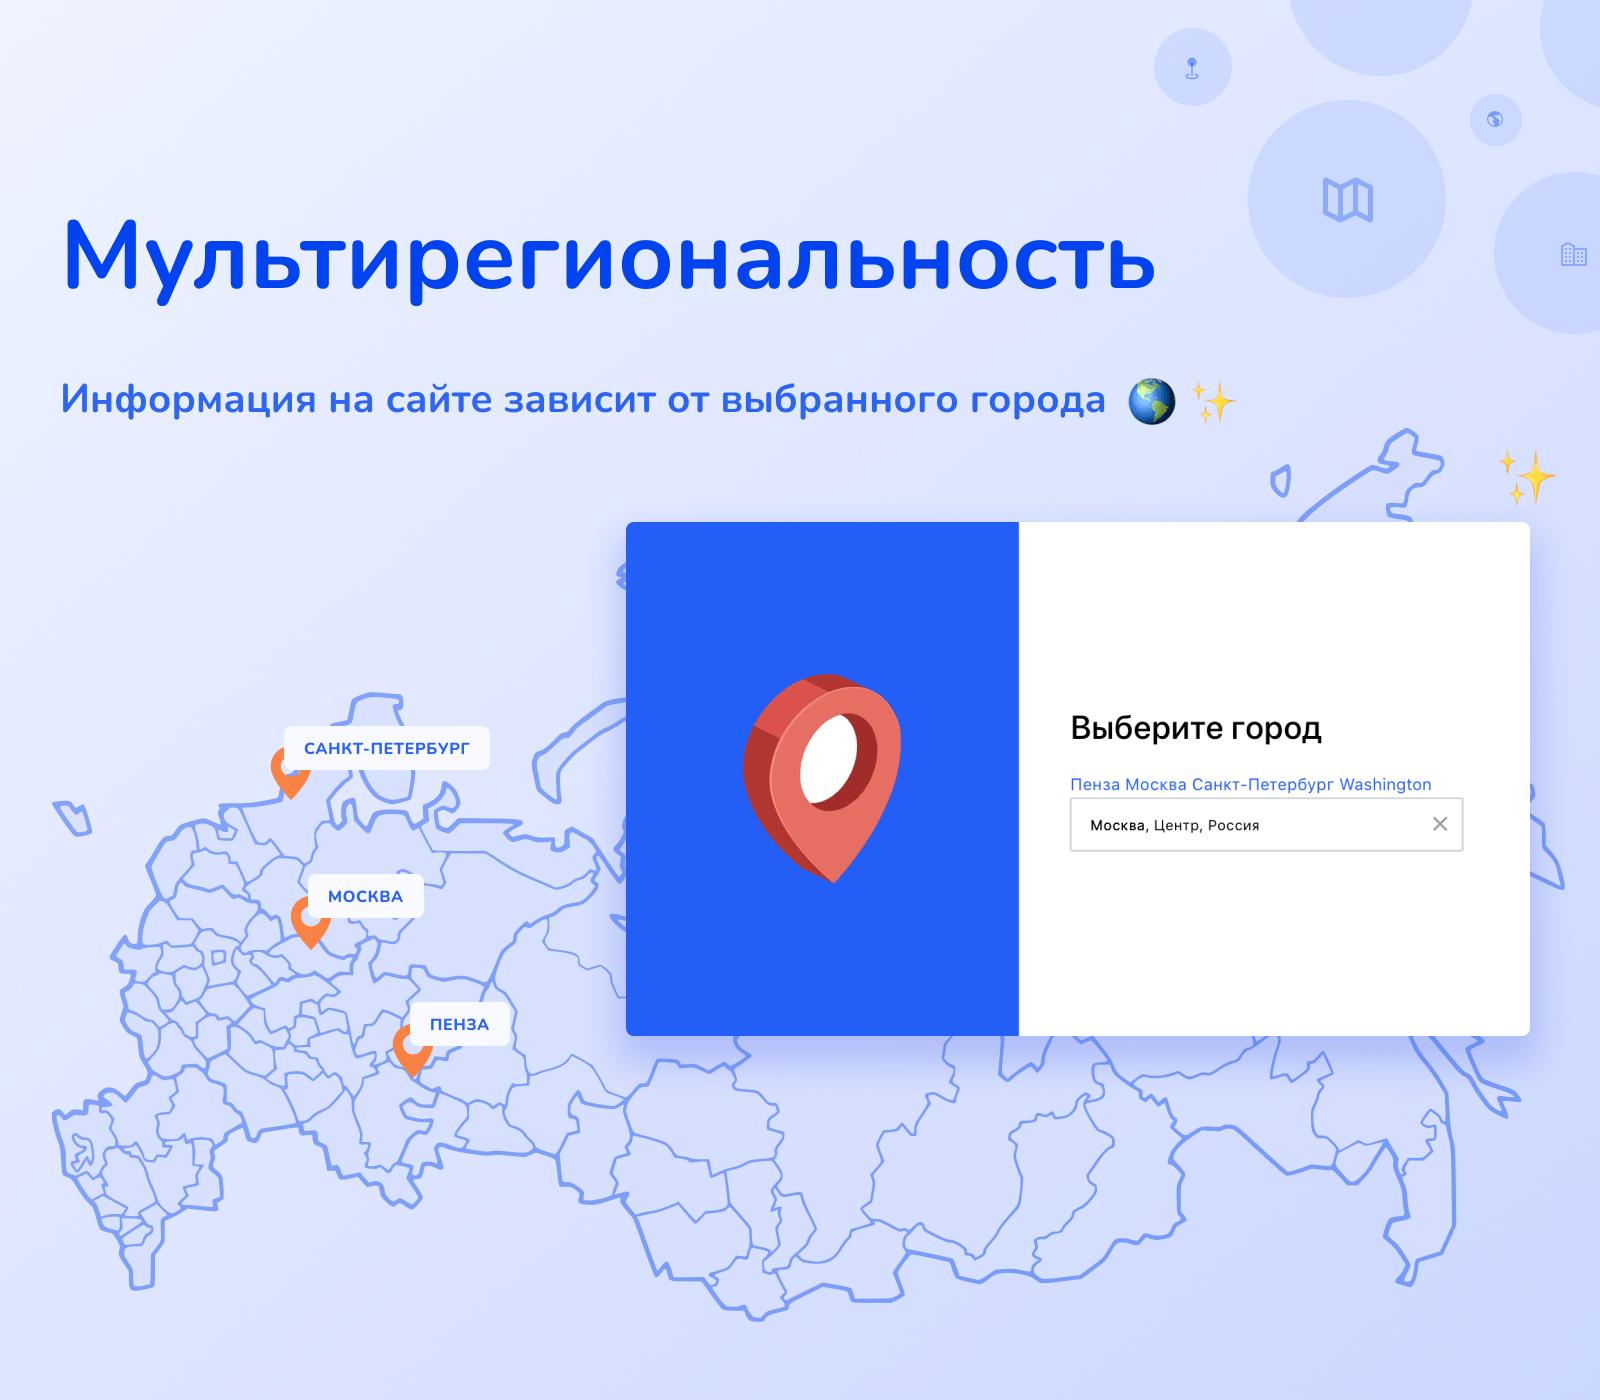 Мультирегиональность: информация на сайте зависит от выбранного города Пенза... Москва... Санкт-Петербург... Вашингтон